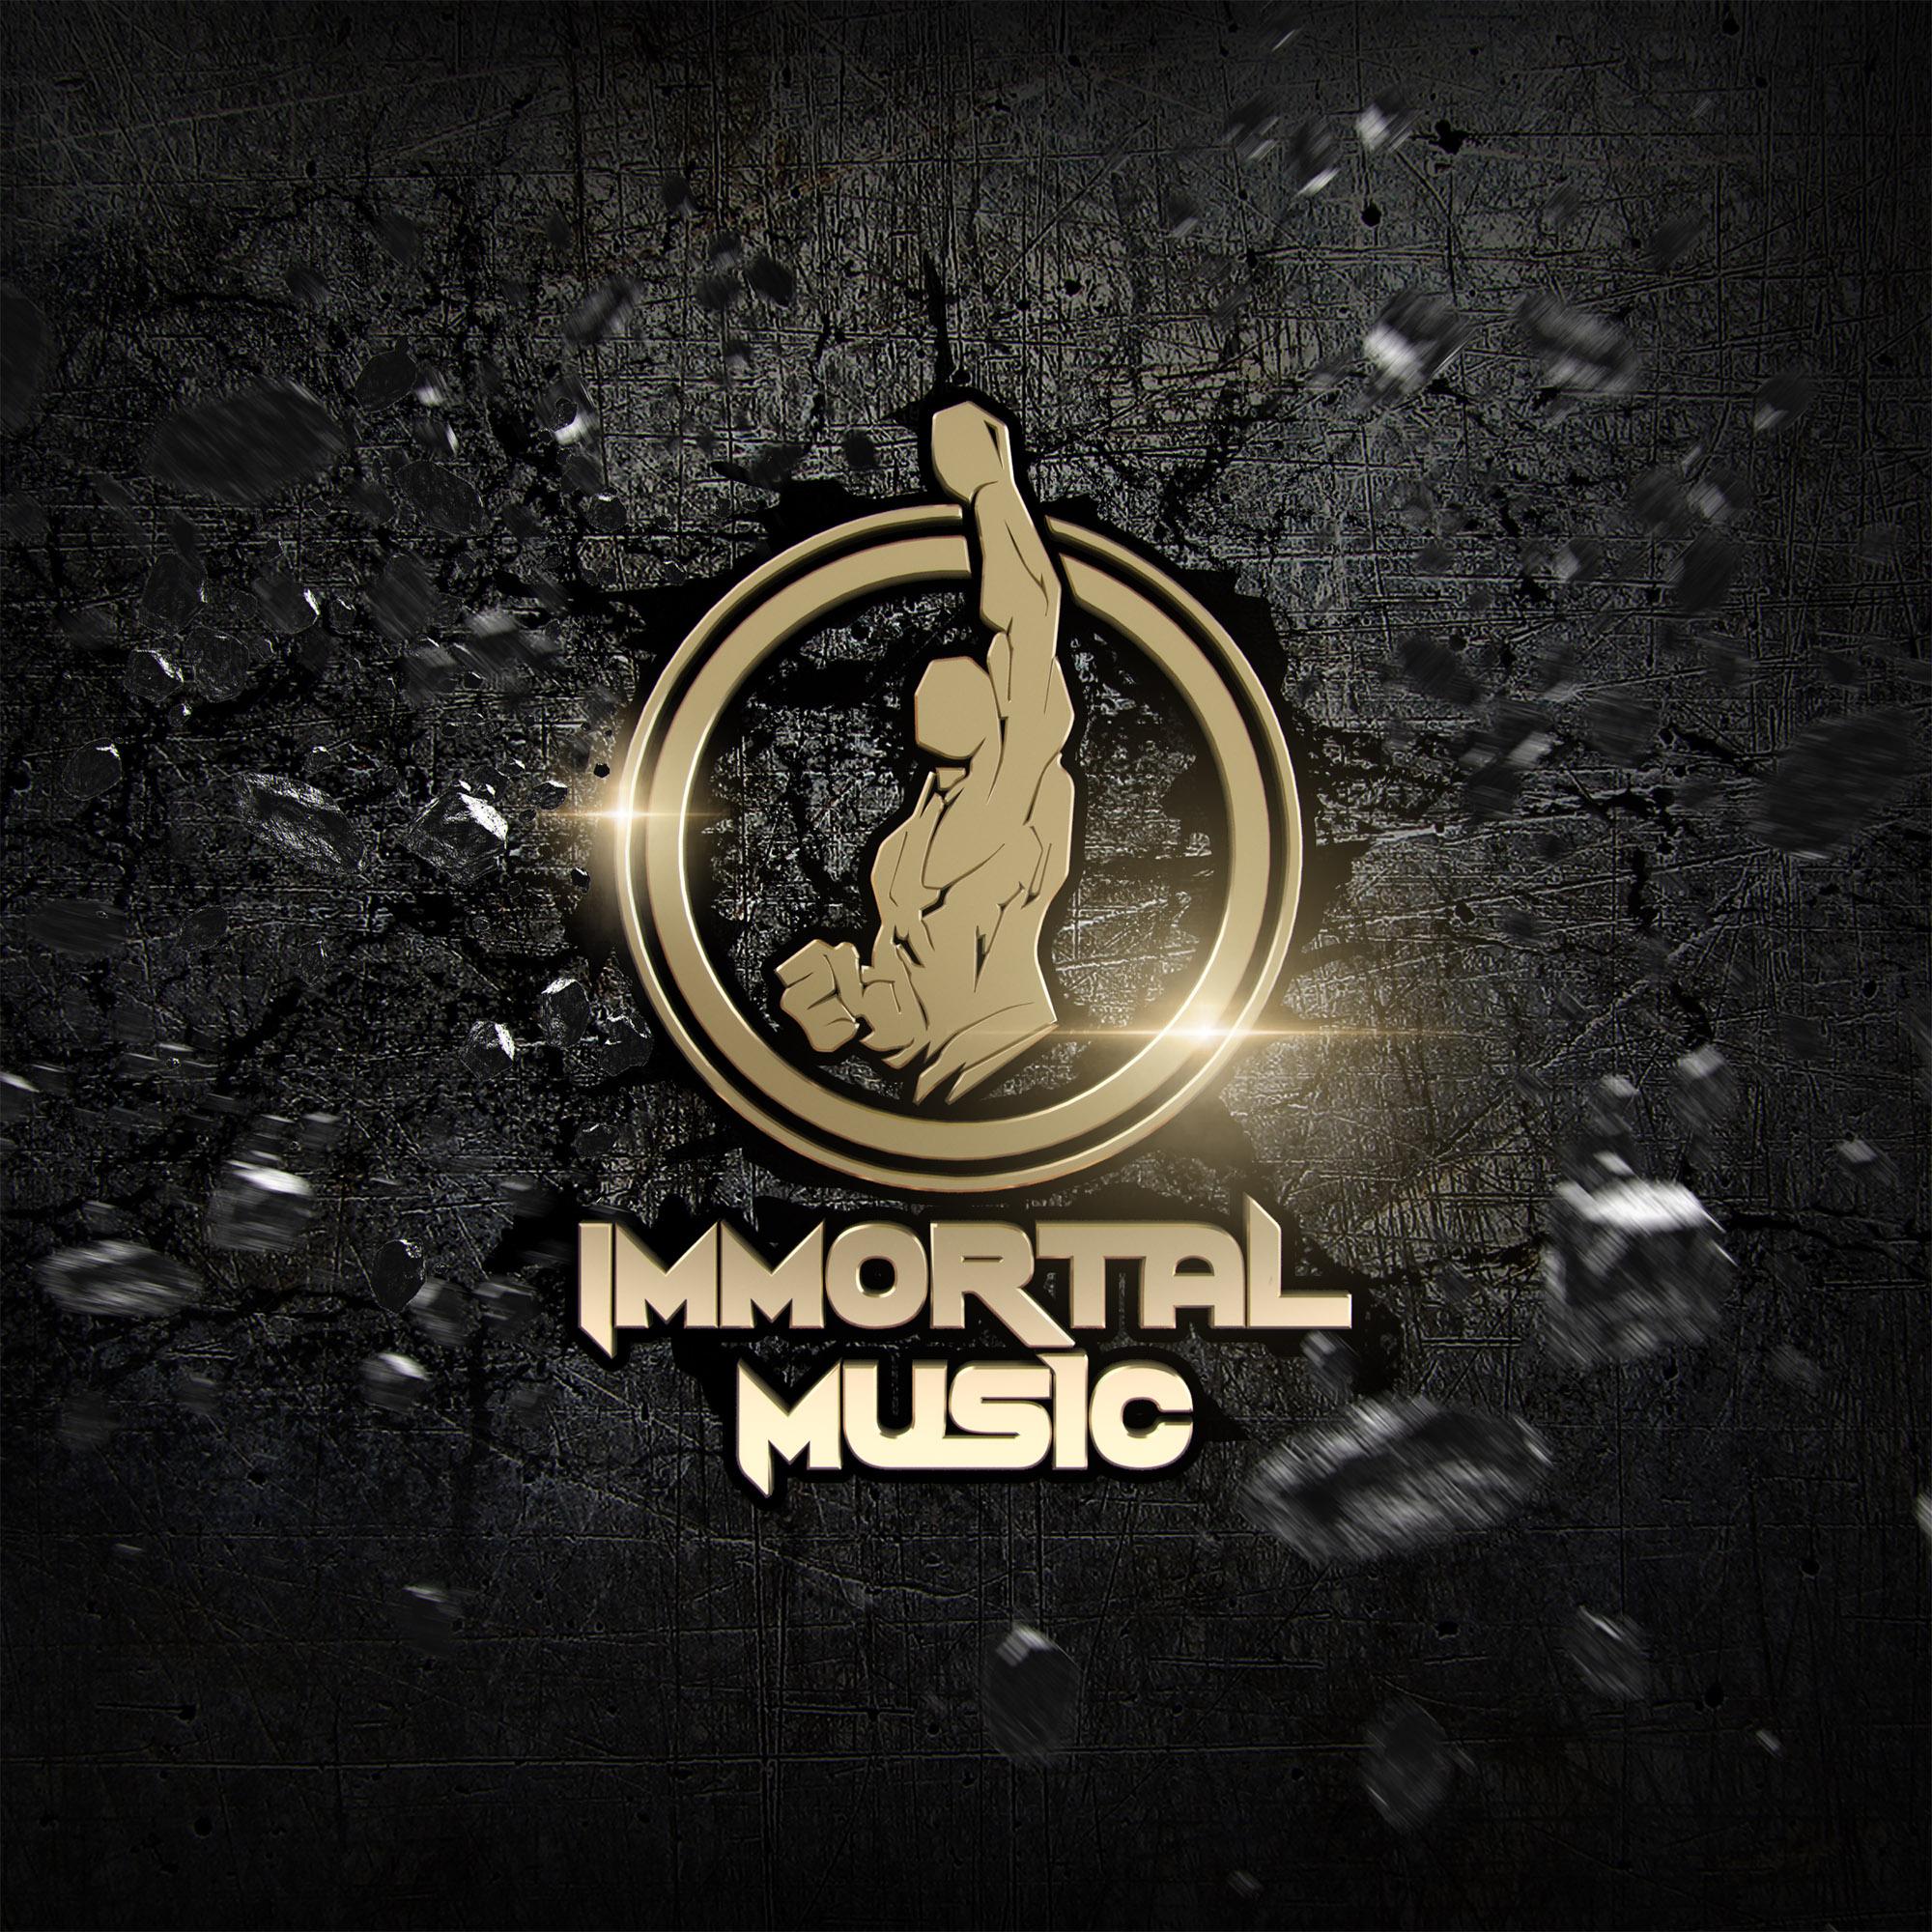 immortal_music